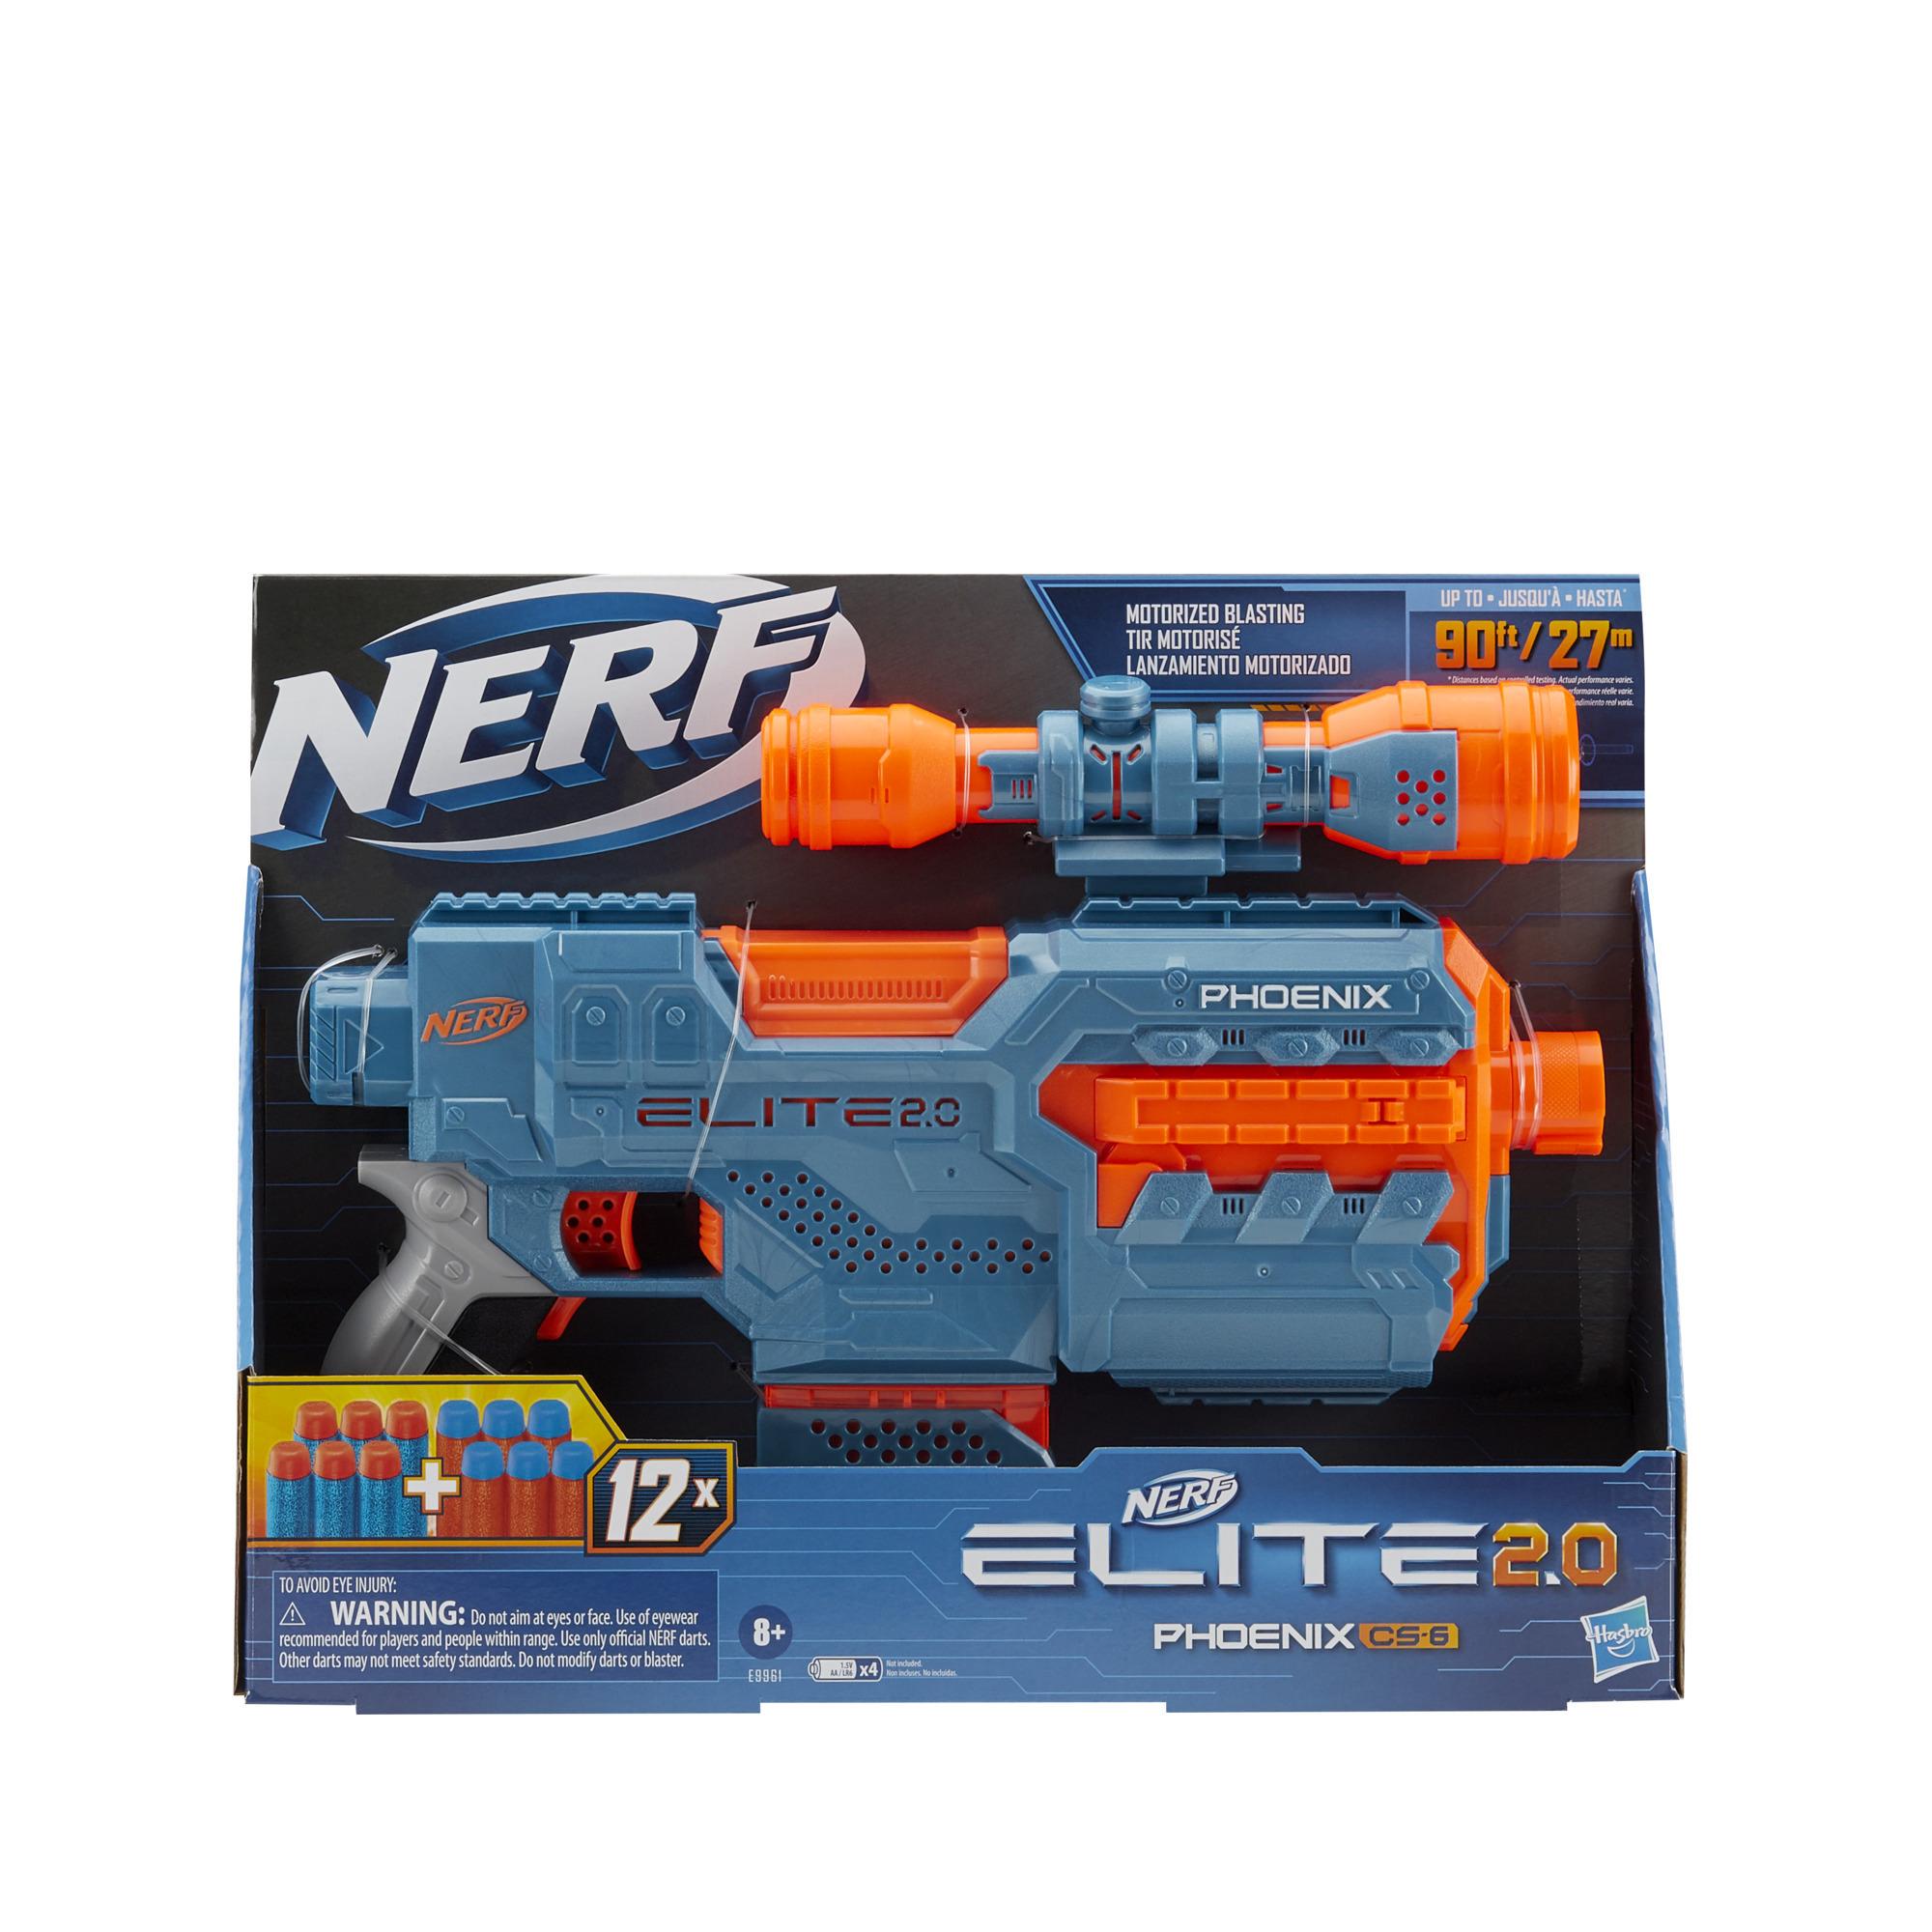 Nerf Elite2.0 Phoenix CS-6 motorizovaný Blástr, 12originálních šipek Nerf, dalekohled, zásobník, vestavěné možnosti vlastního nastavení